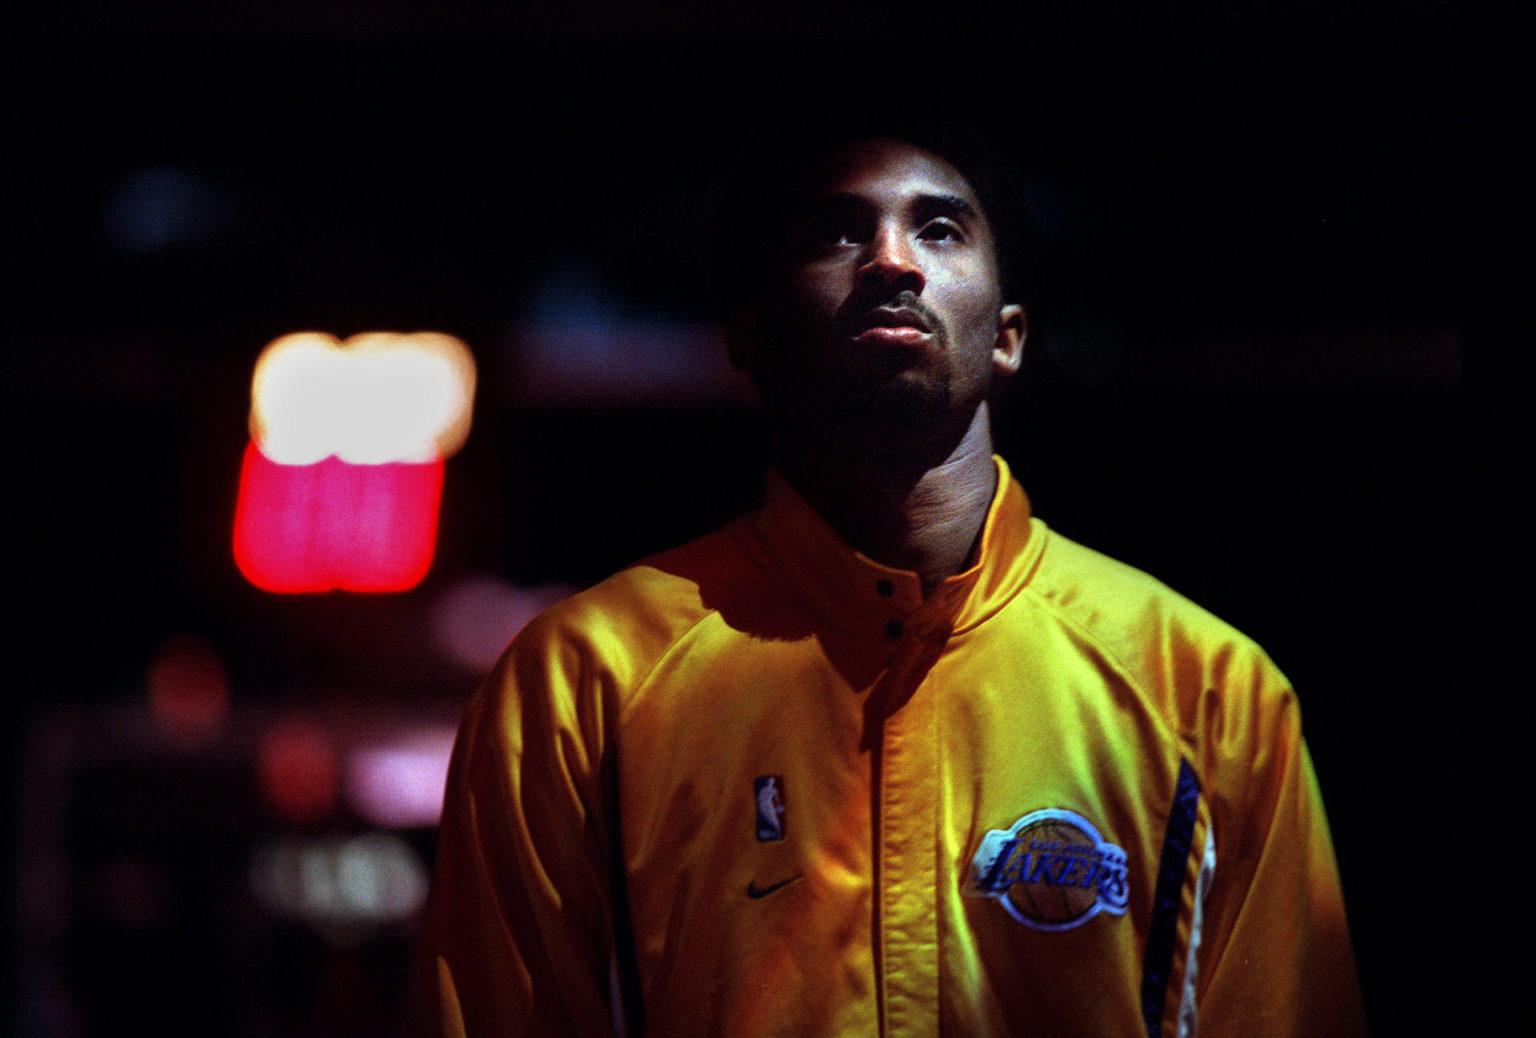 24年前的今天,湖人名宿科比-布莱恩特迎来职业生涯首秀